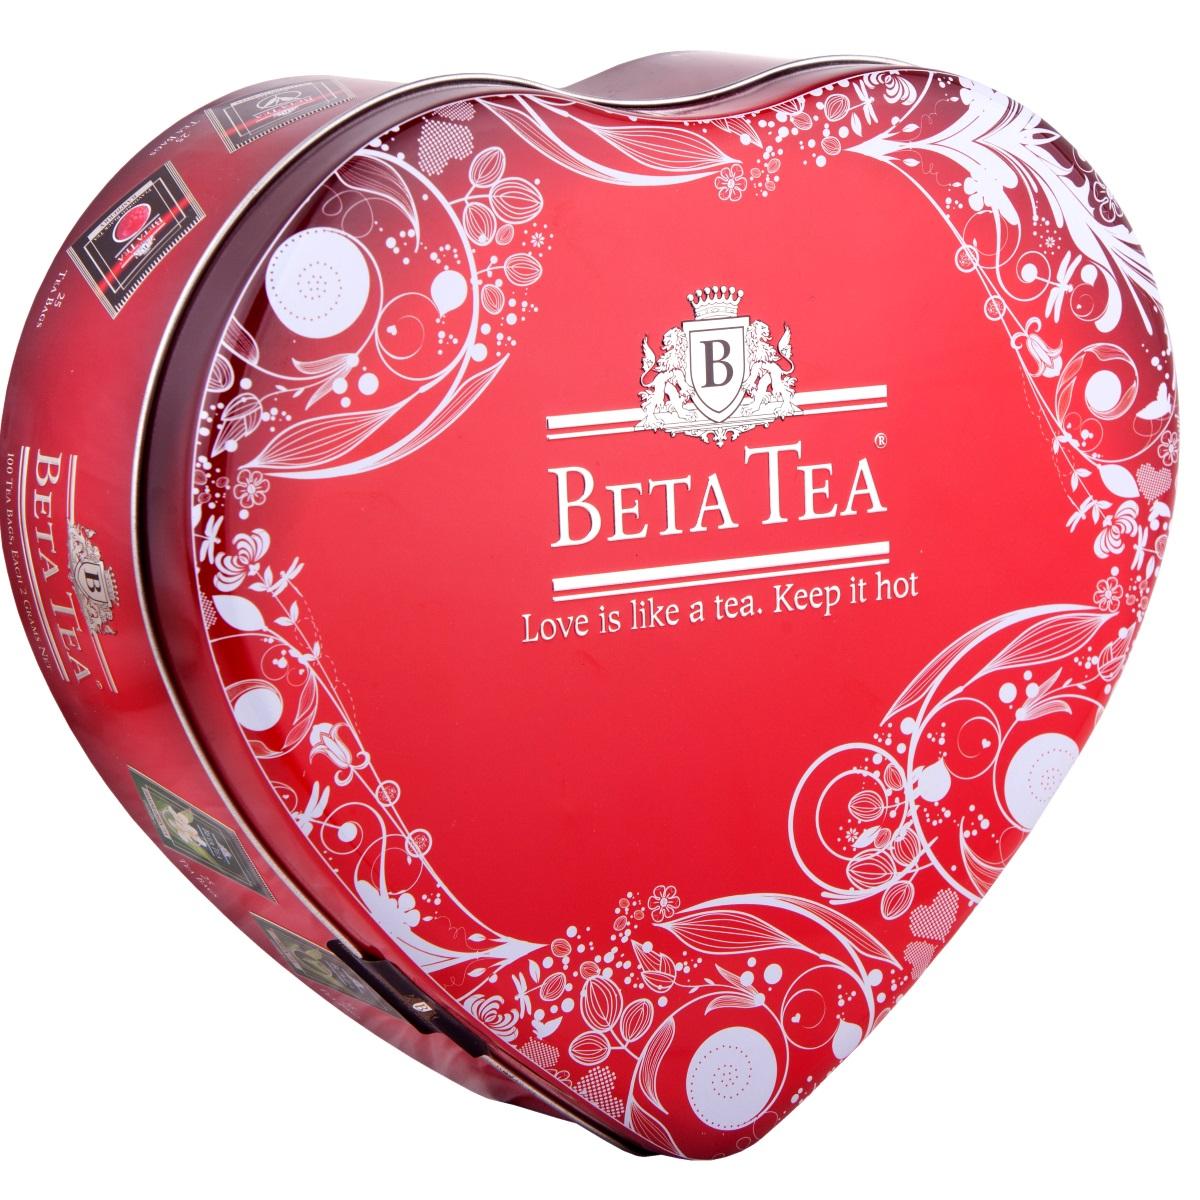 Beta Tea Сердце чайный набор, 100 шт (подарочная упаковка) beta tea малина чай в пакетиках 25 шт